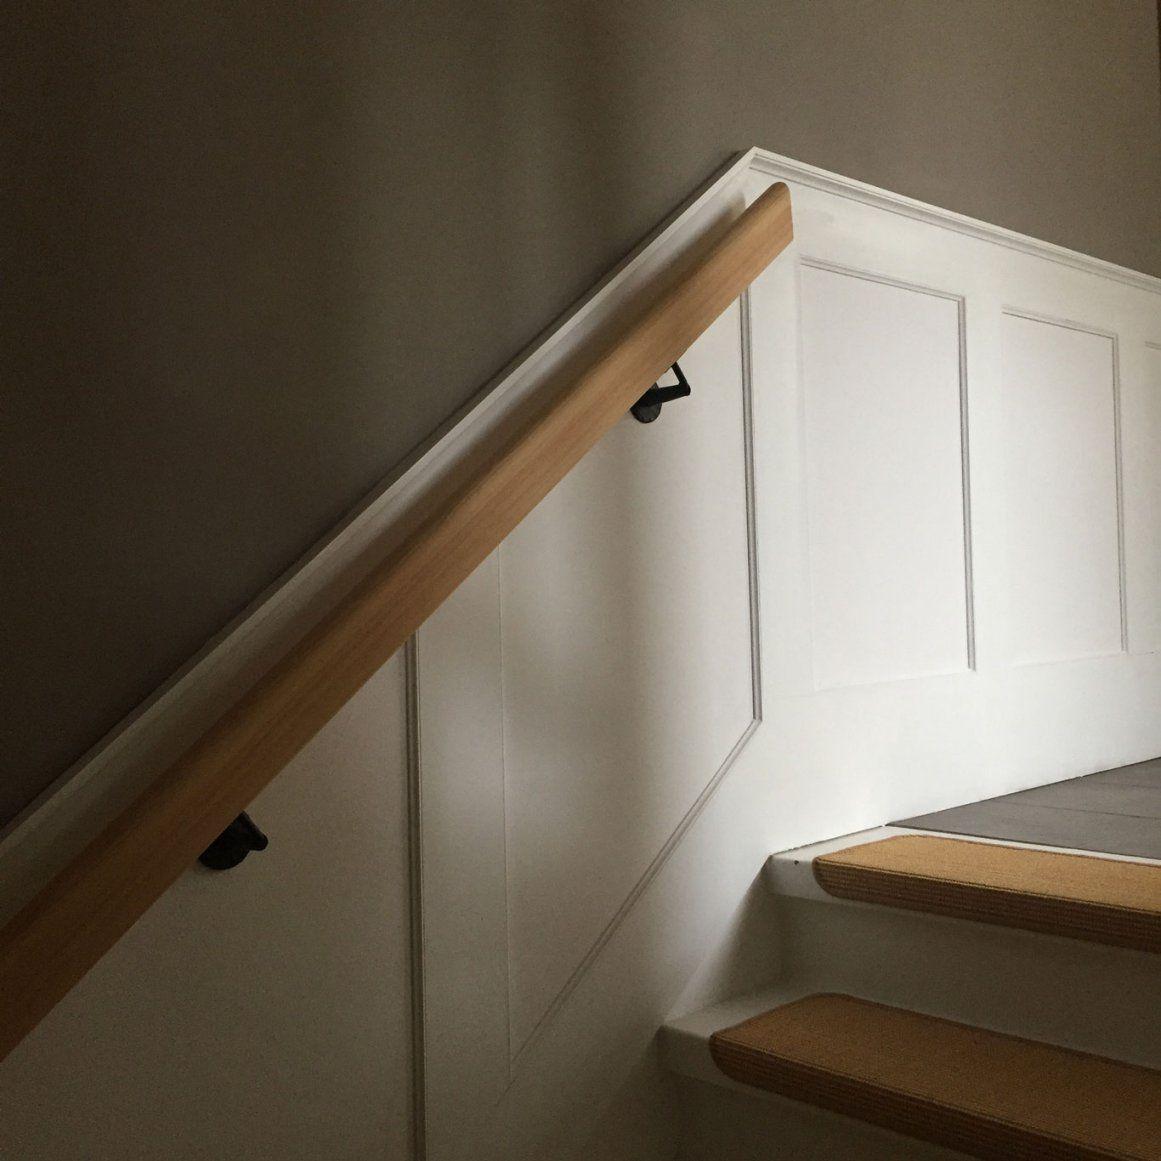 Holzkassetten Als Wandvertäfelung Selber Bauen von Wandvertäfelung Holz Selber Machen Photo